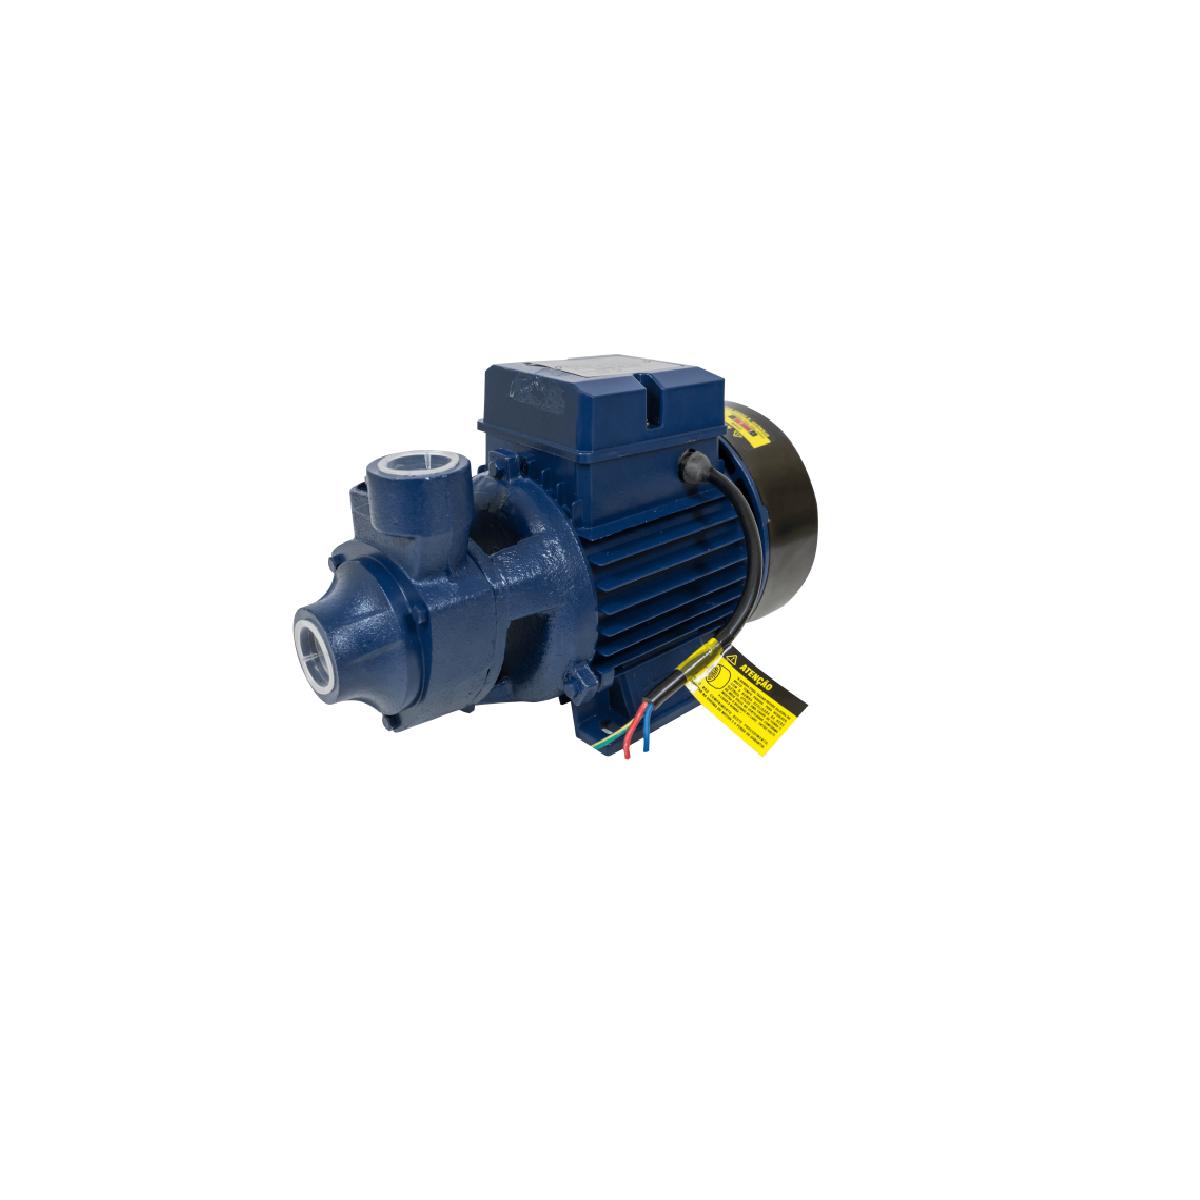 Motobomba Elétrica 0,5cv Bivolt ICS 50-AB- Eletroplas